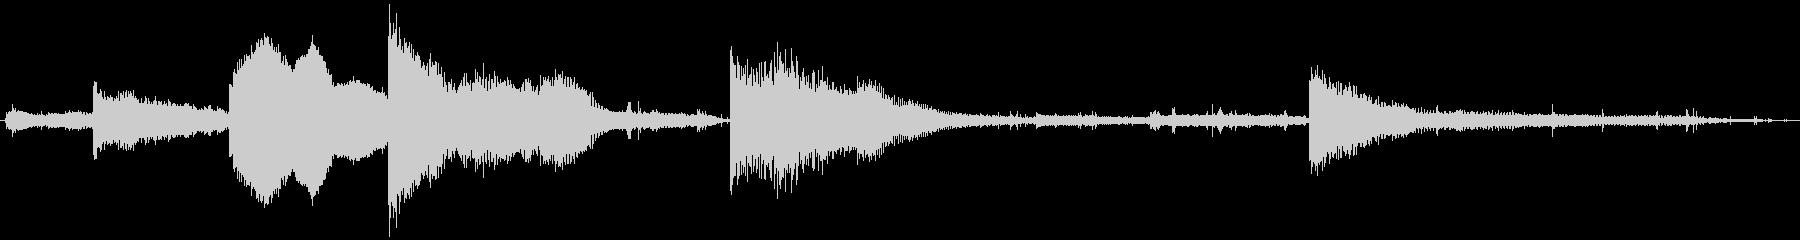 PADS 壊れたピアノ01の未再生の波形